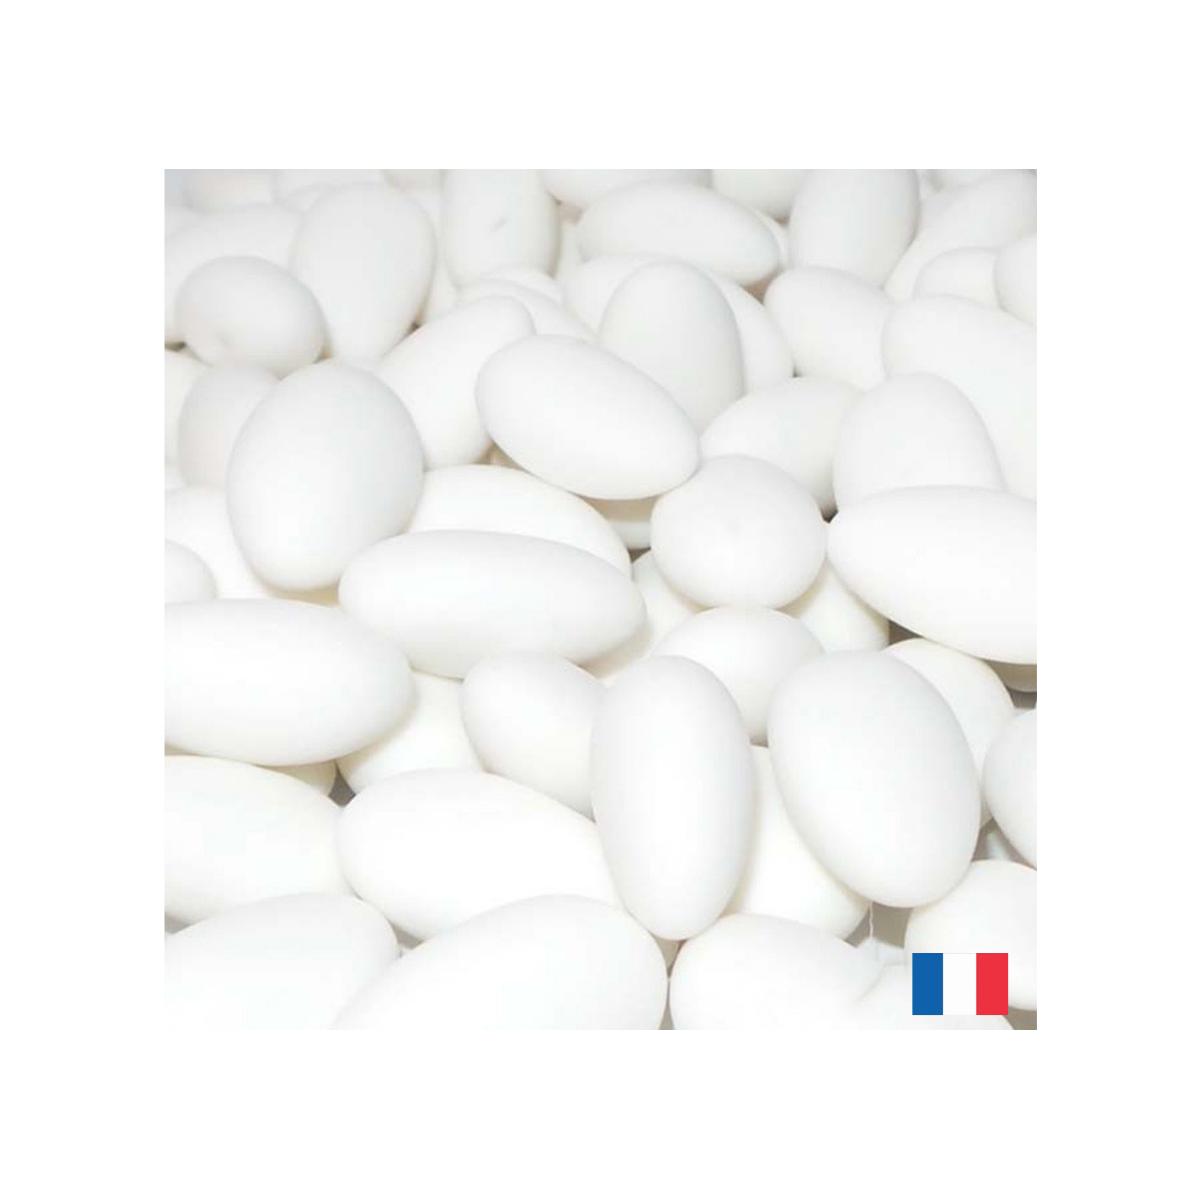 1kg Dragées Fabrcation française pas cher Amande 20% - Blanc